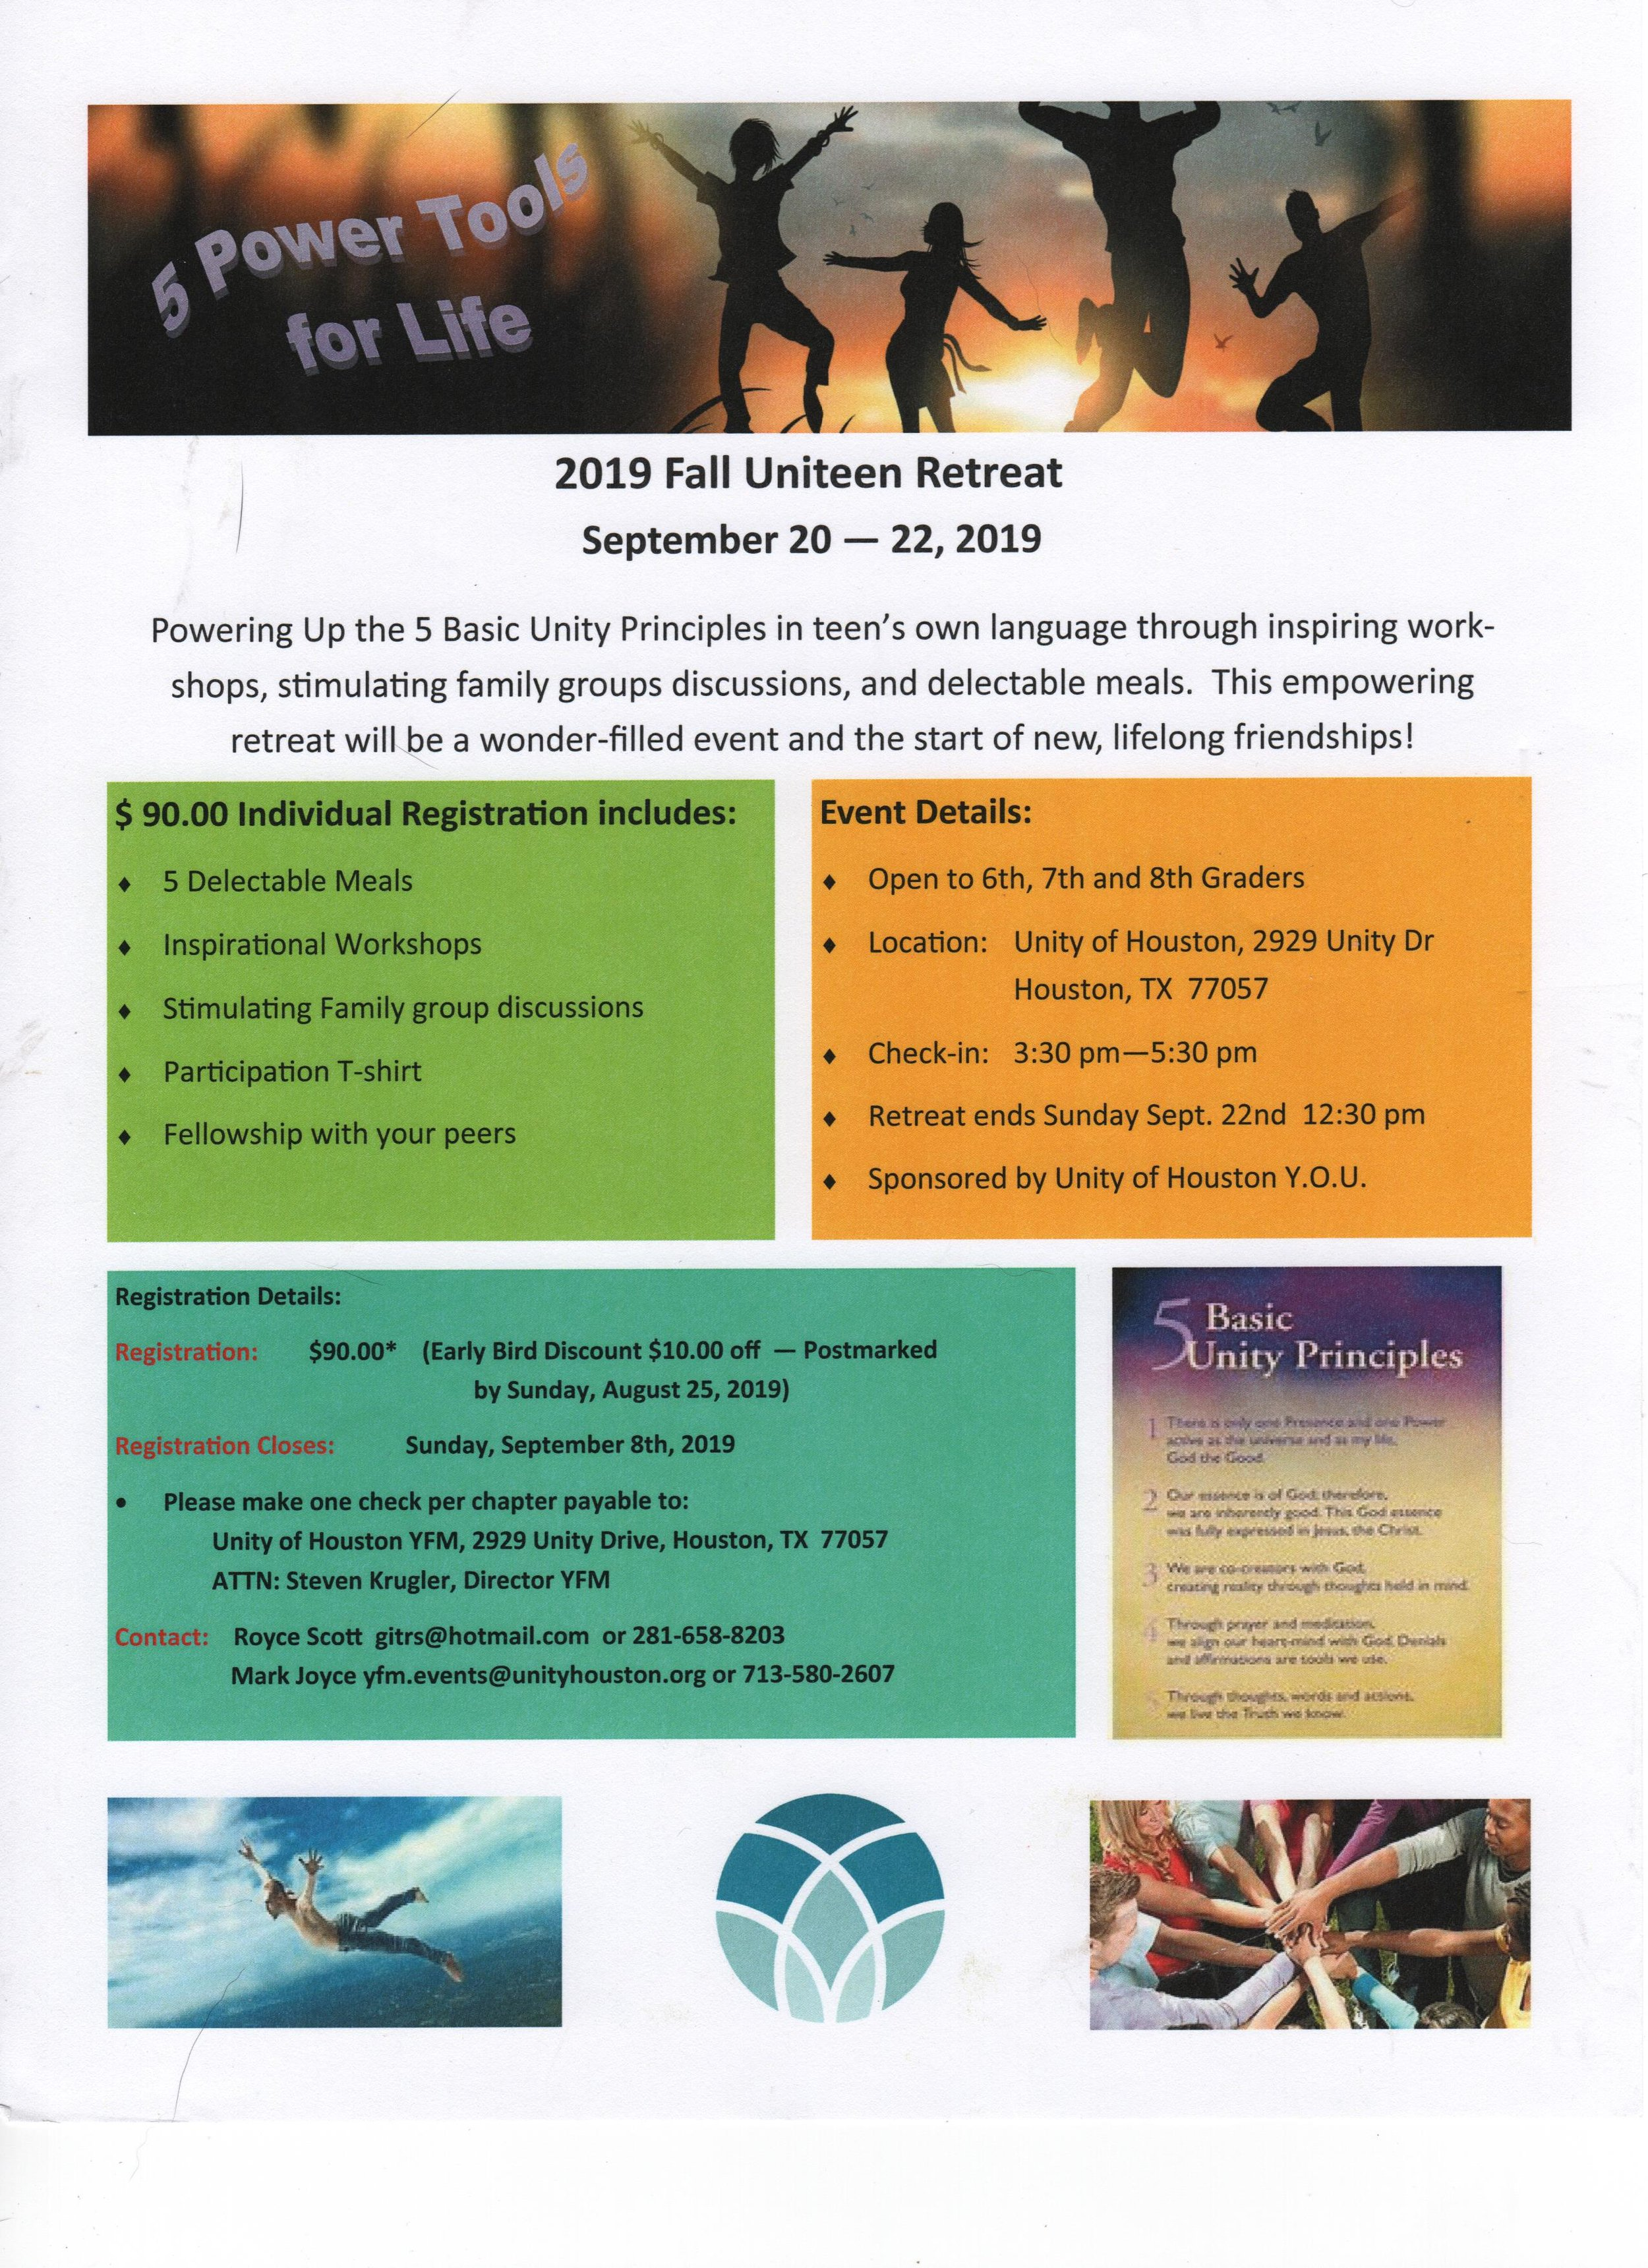 2019 Houston - Uniteen Retreat flyer Aug. '19.jpeg